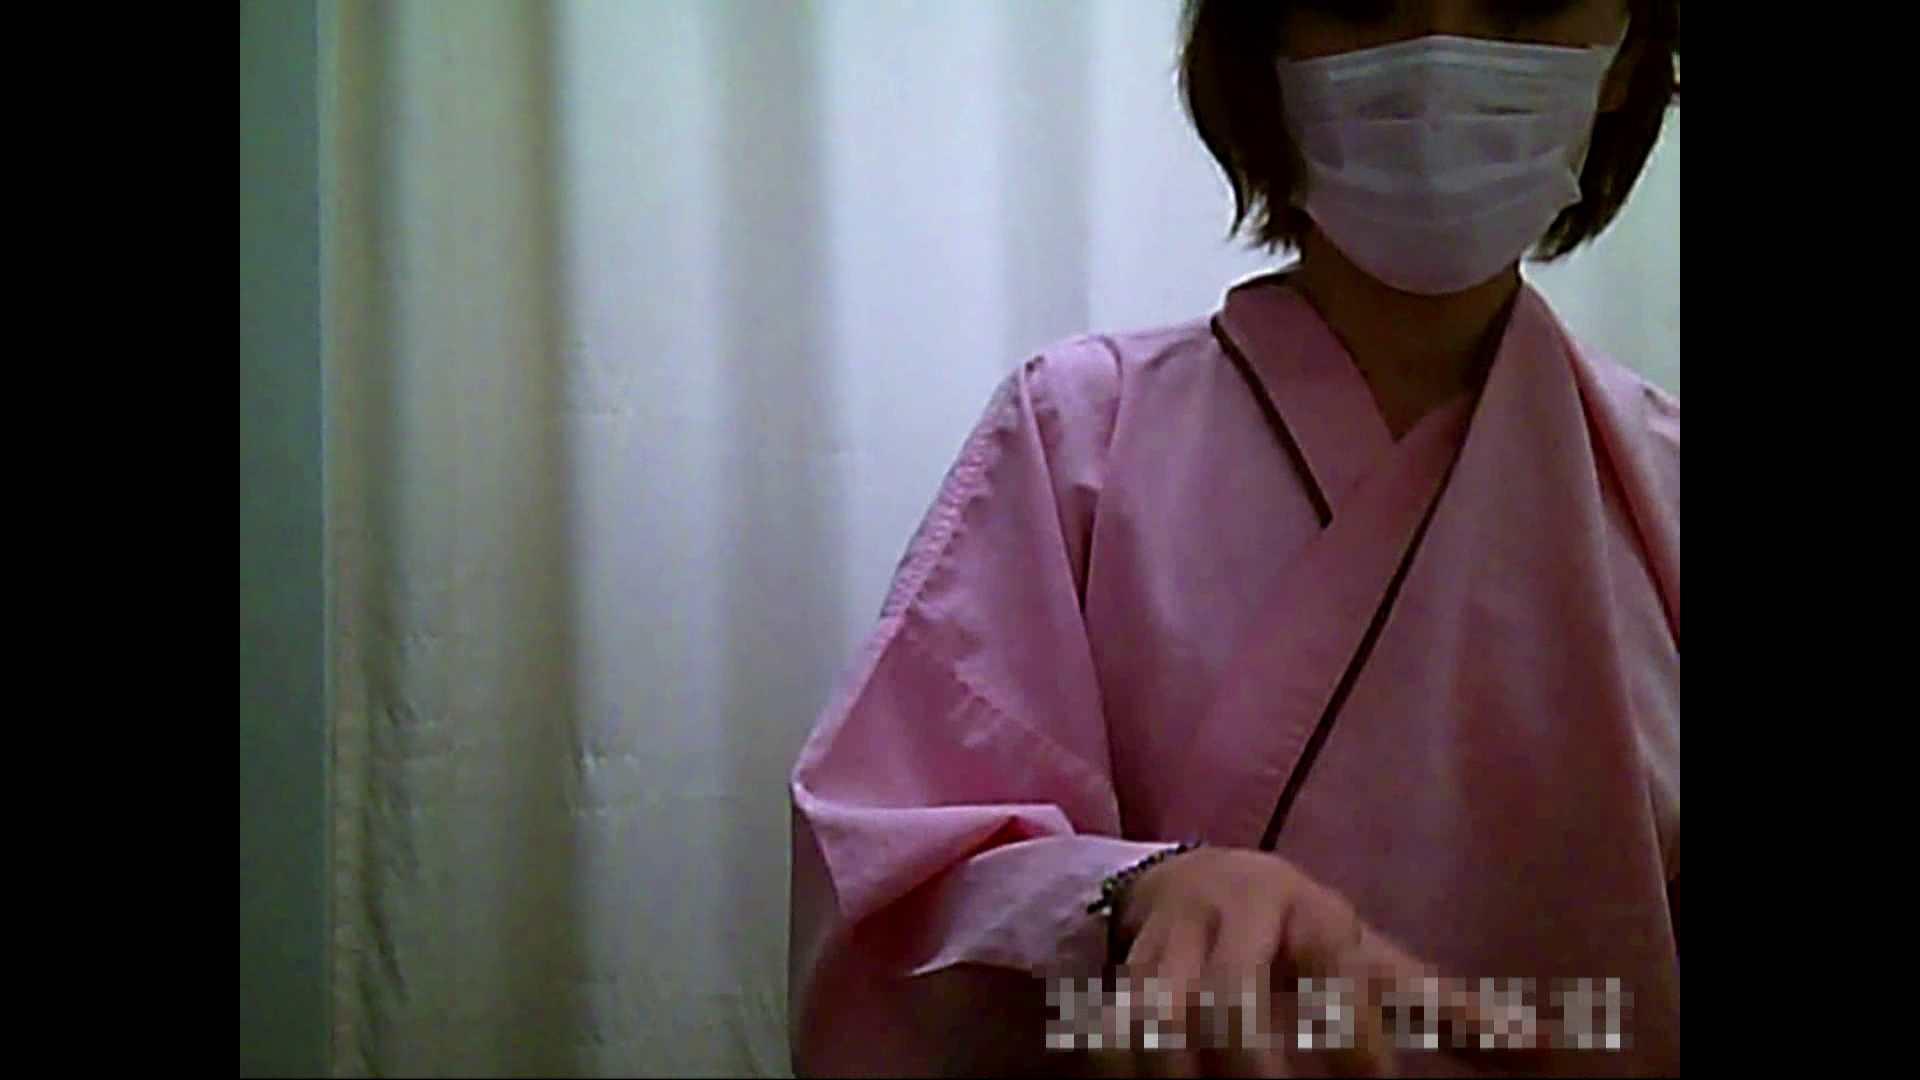 元医者による反抗 更衣室地獄絵巻 vol.281 OLハメ撮り  100Pix 62